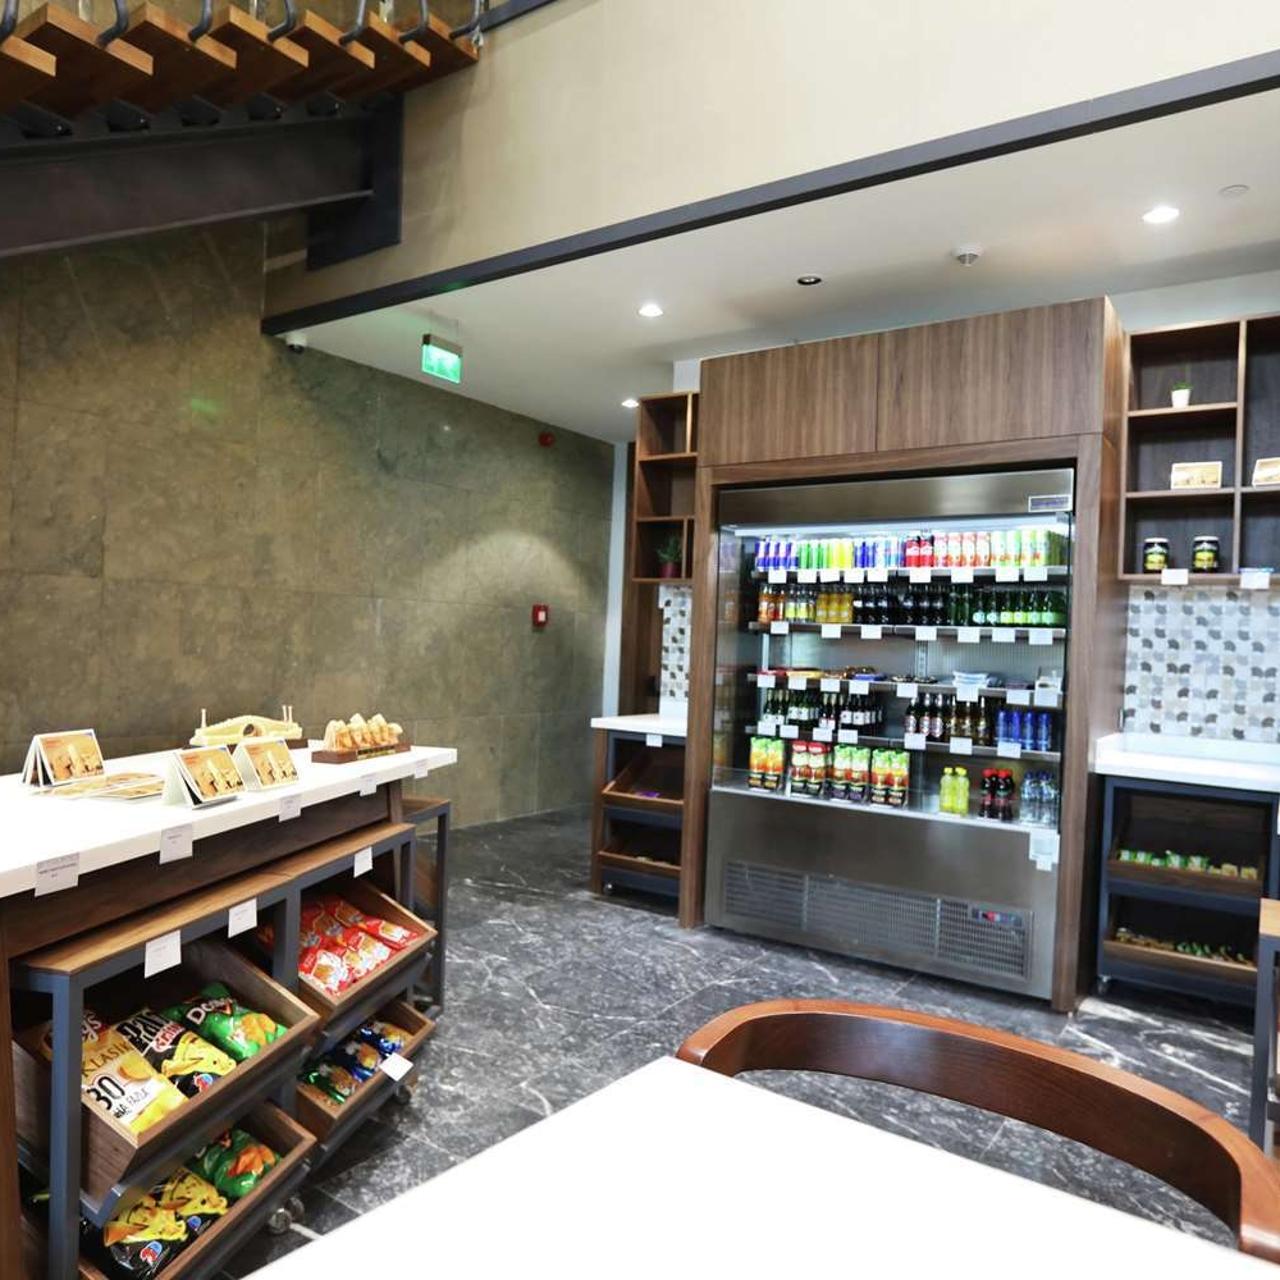 Hilton Garden Inn Adiyaman 4 Hrs Star Hotel In Adiyaman Adiyaman